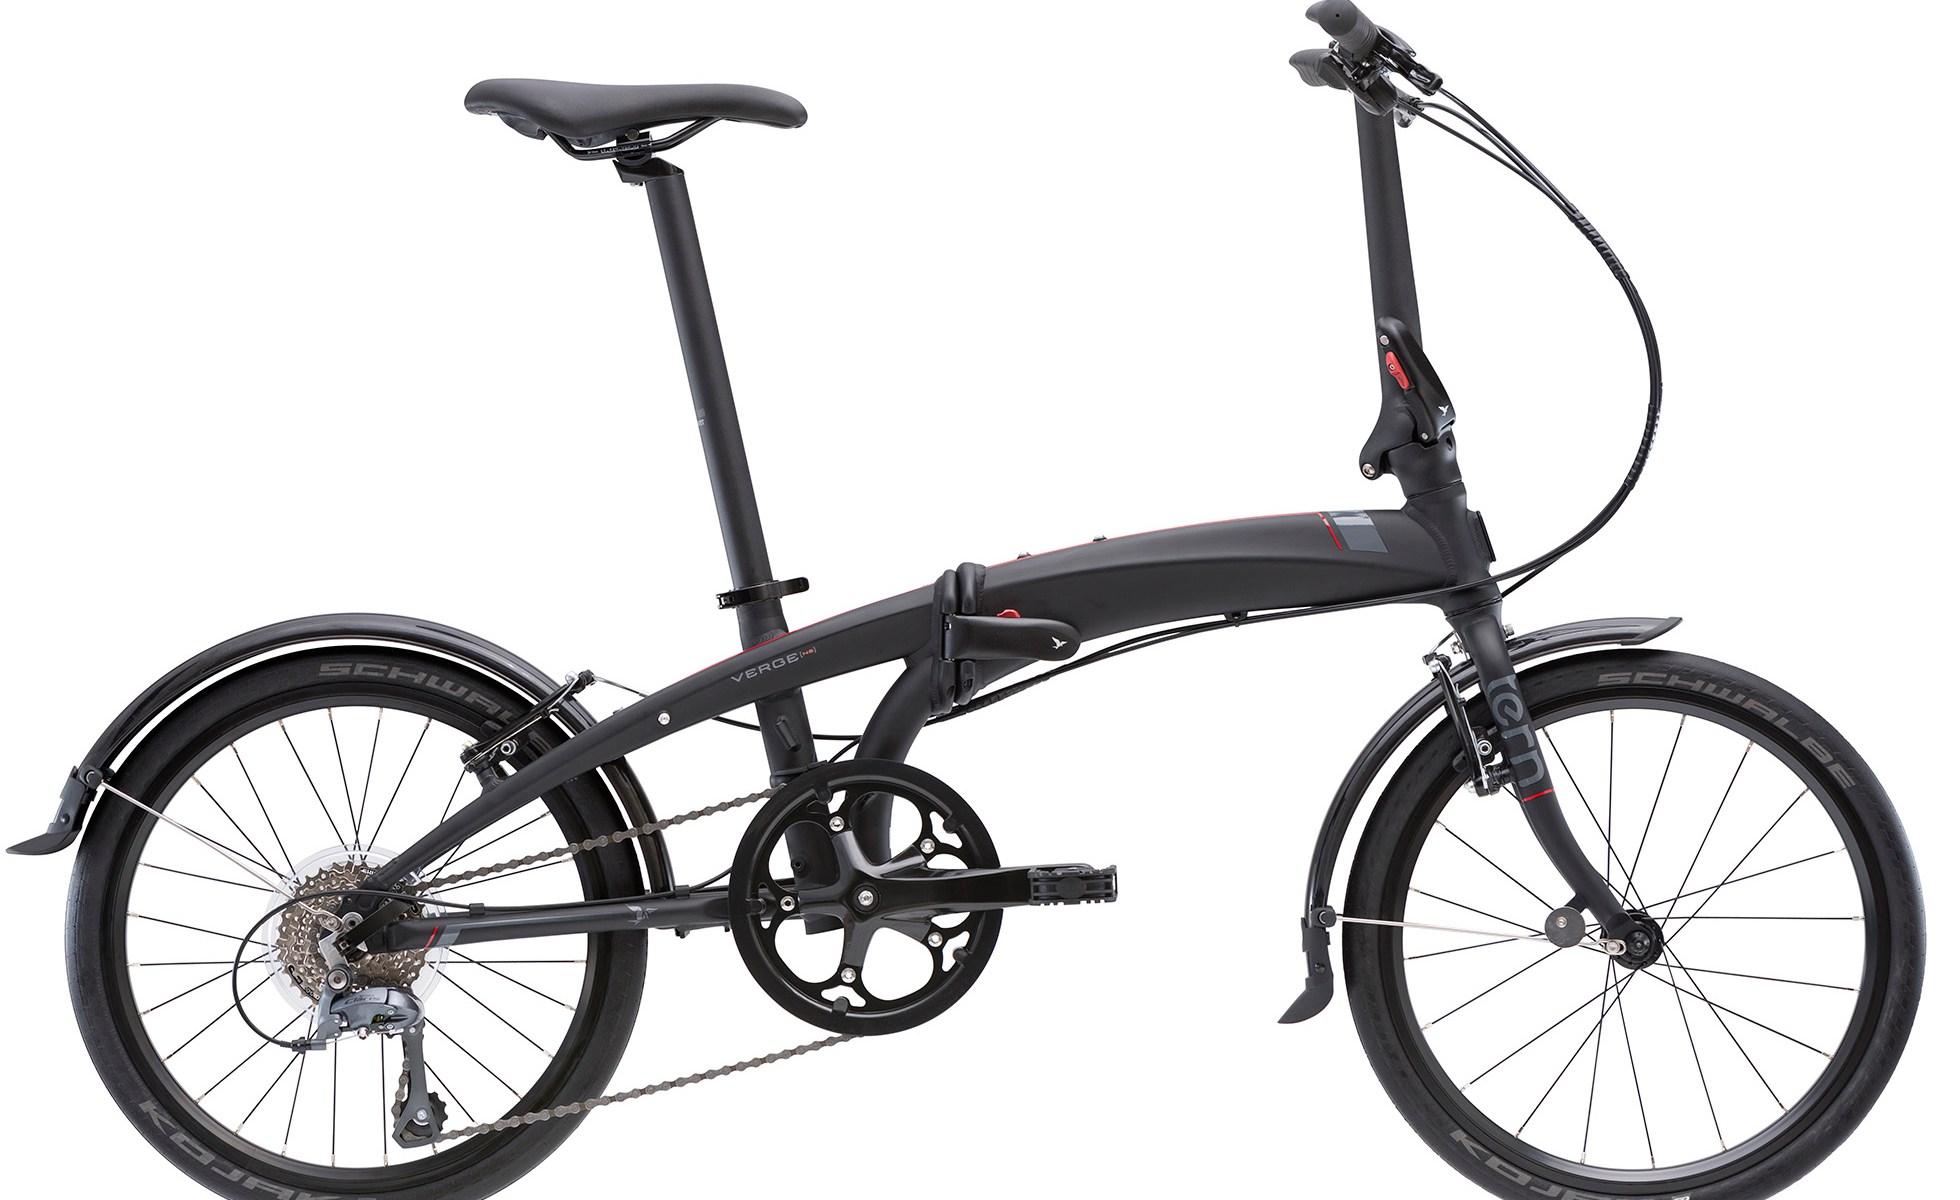 Tern Verge N8 Folding Bike